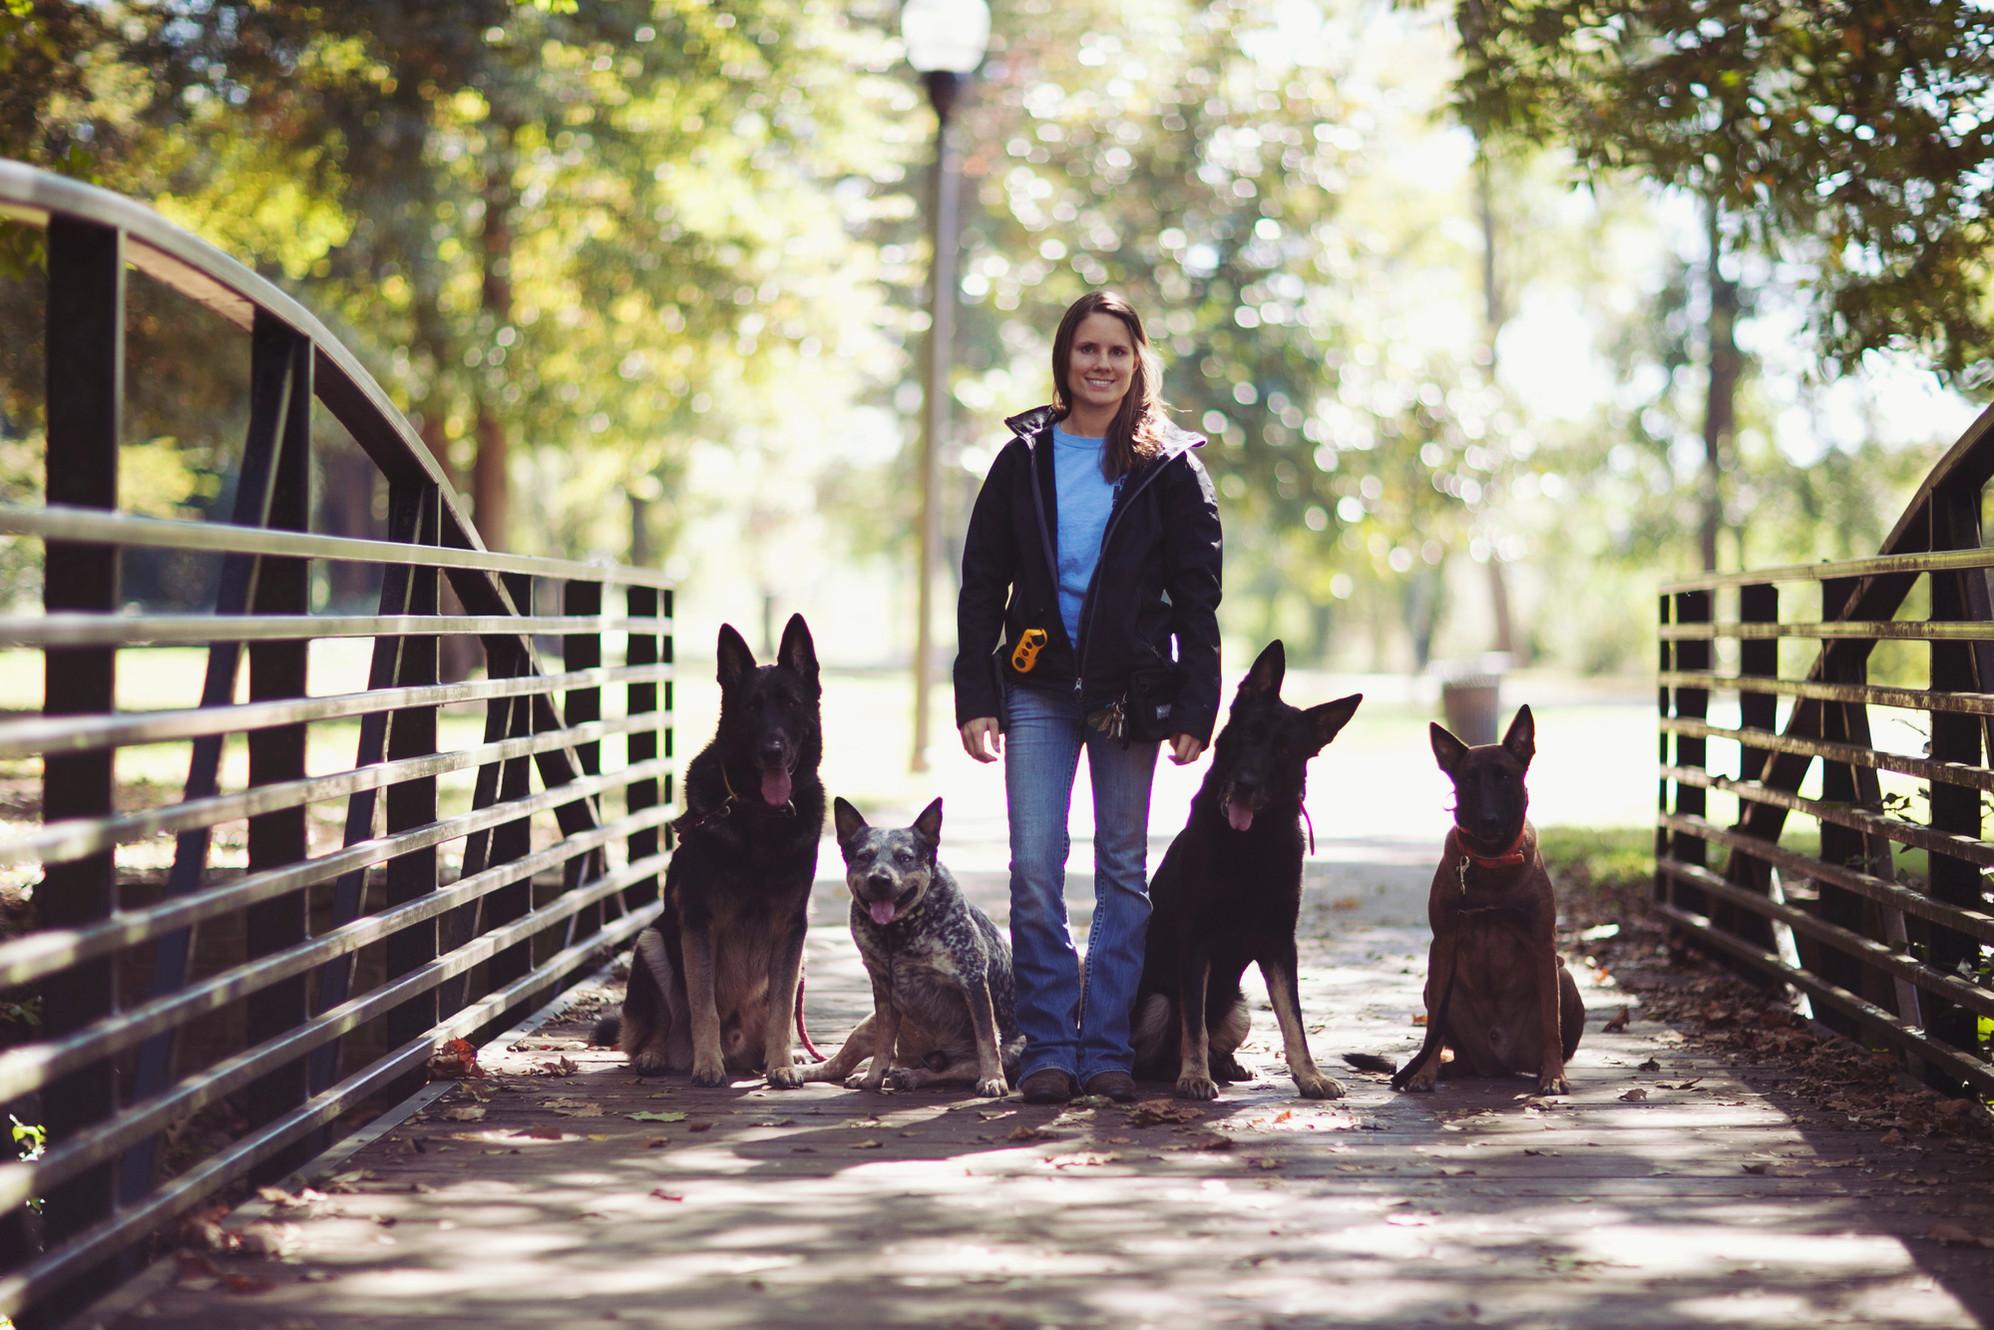 Gray's K-9 Academy Dog Training and Rehabilitation in Macon, GA